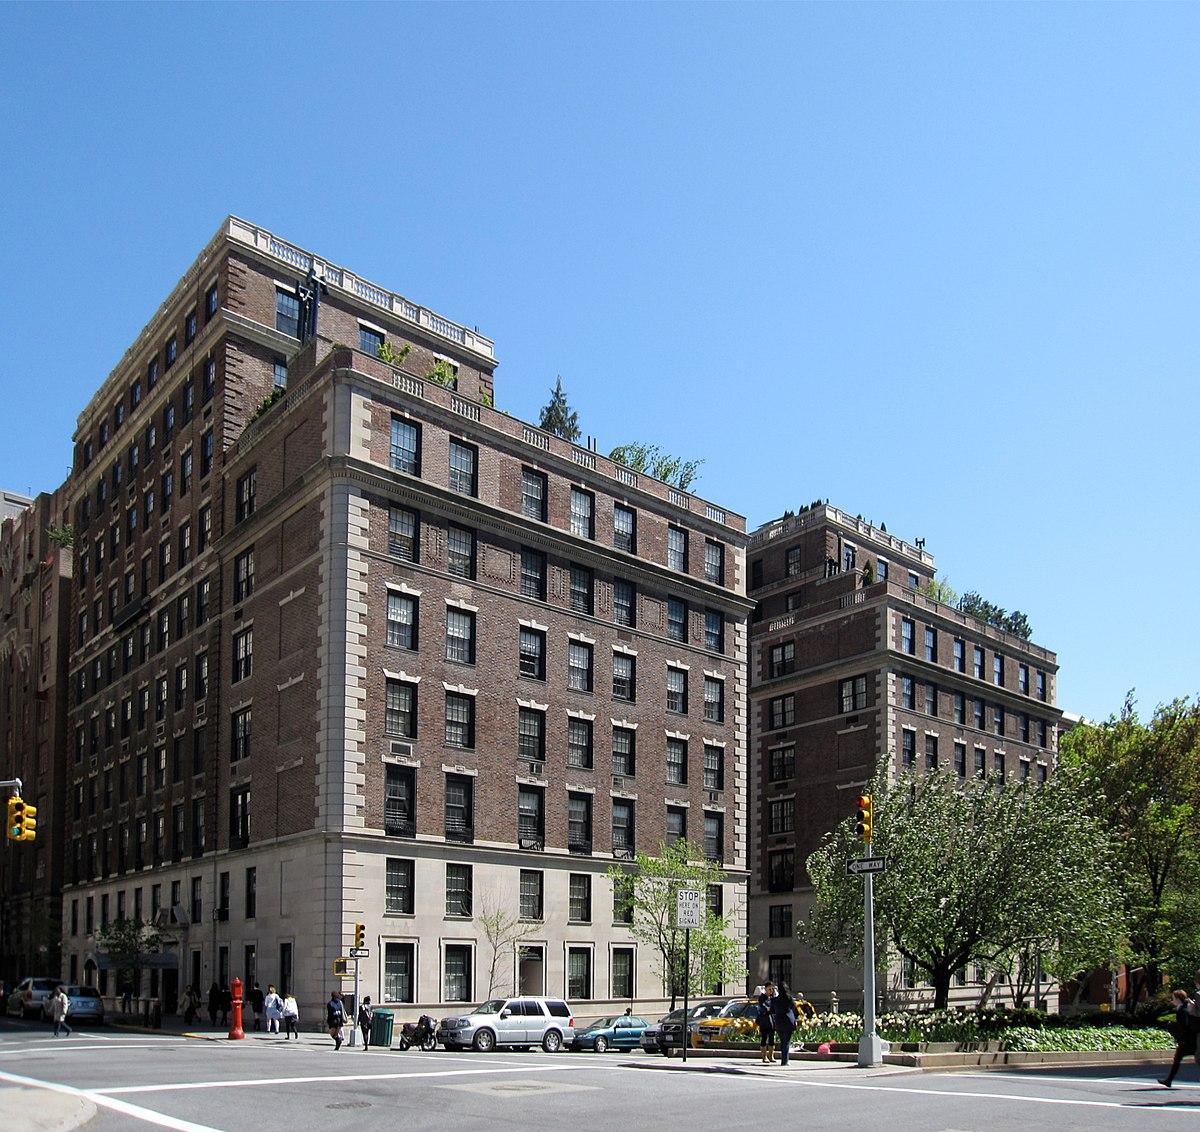 655 Park Avenue - Wikipedia